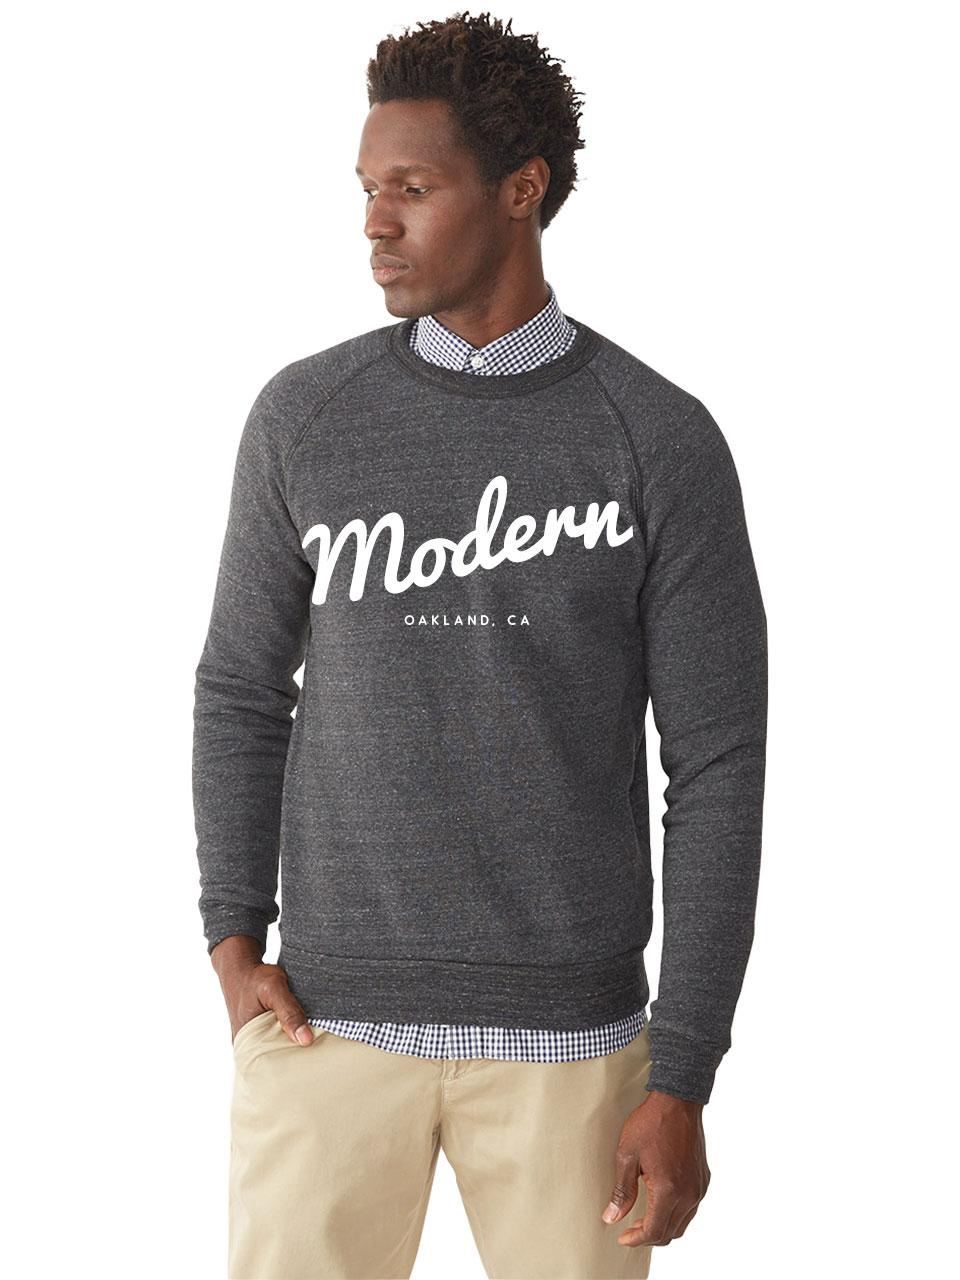 sweatshirt_mockup-R3-A-White